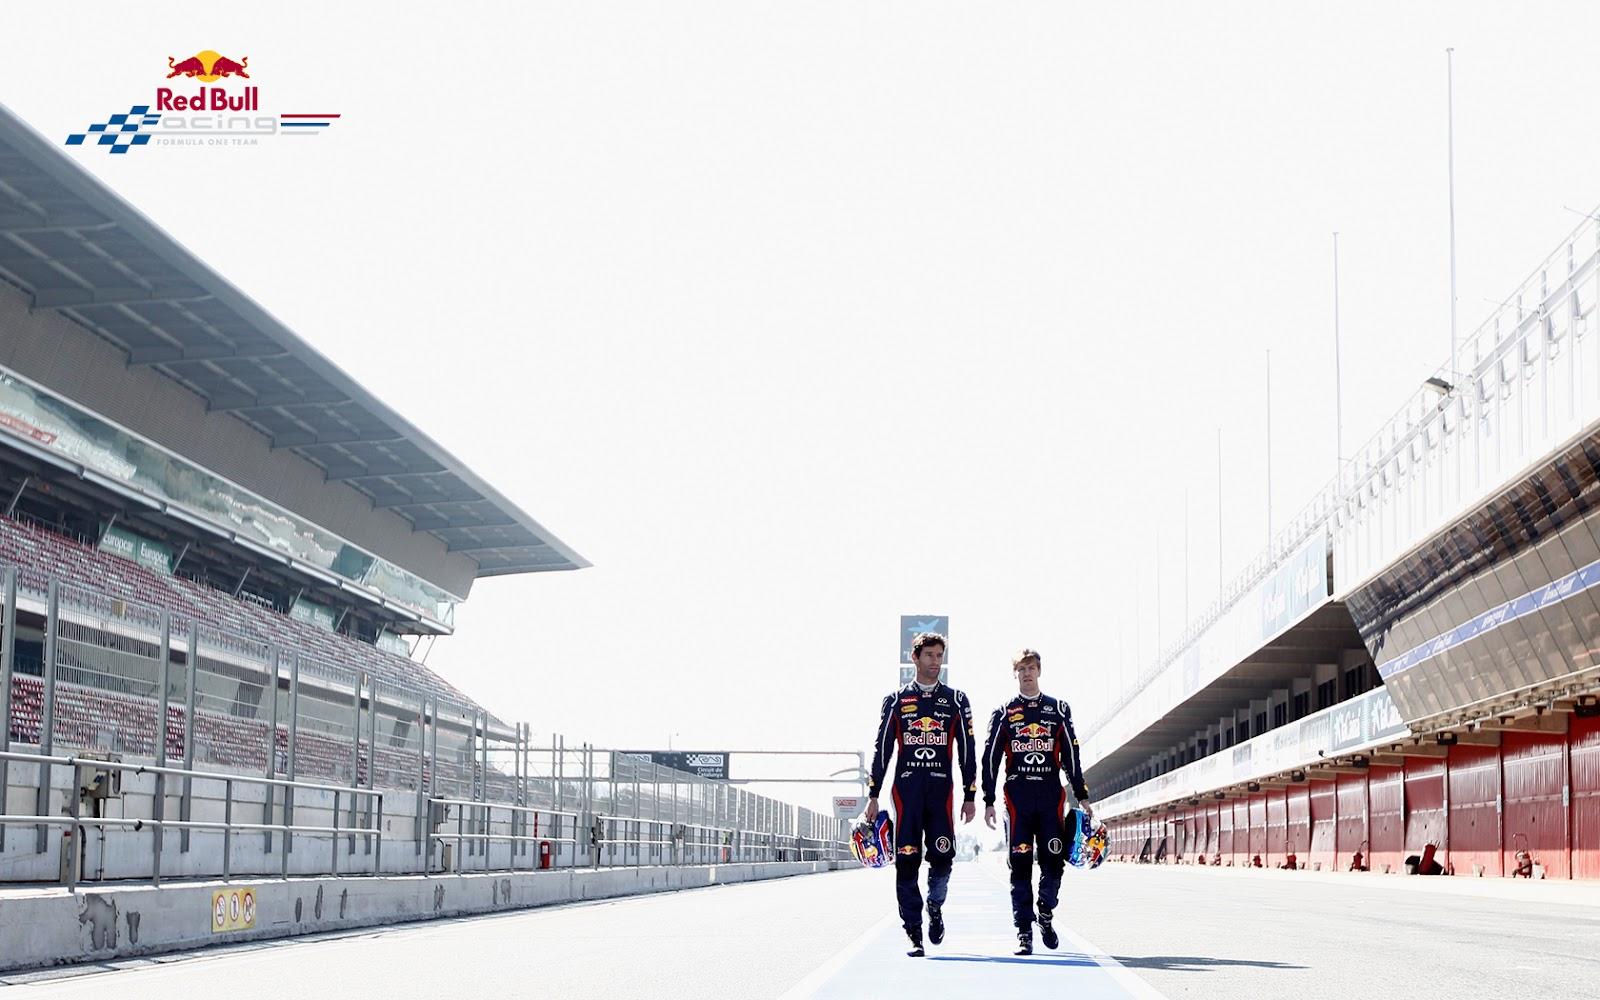 http://1.bp.blogspot.com/-El81FBHBVZw/UBHdMRAV_PI/AAAAAAAAB2k/zht9iT6k-sk/s1600/Webber+Vettel+2012.jpg